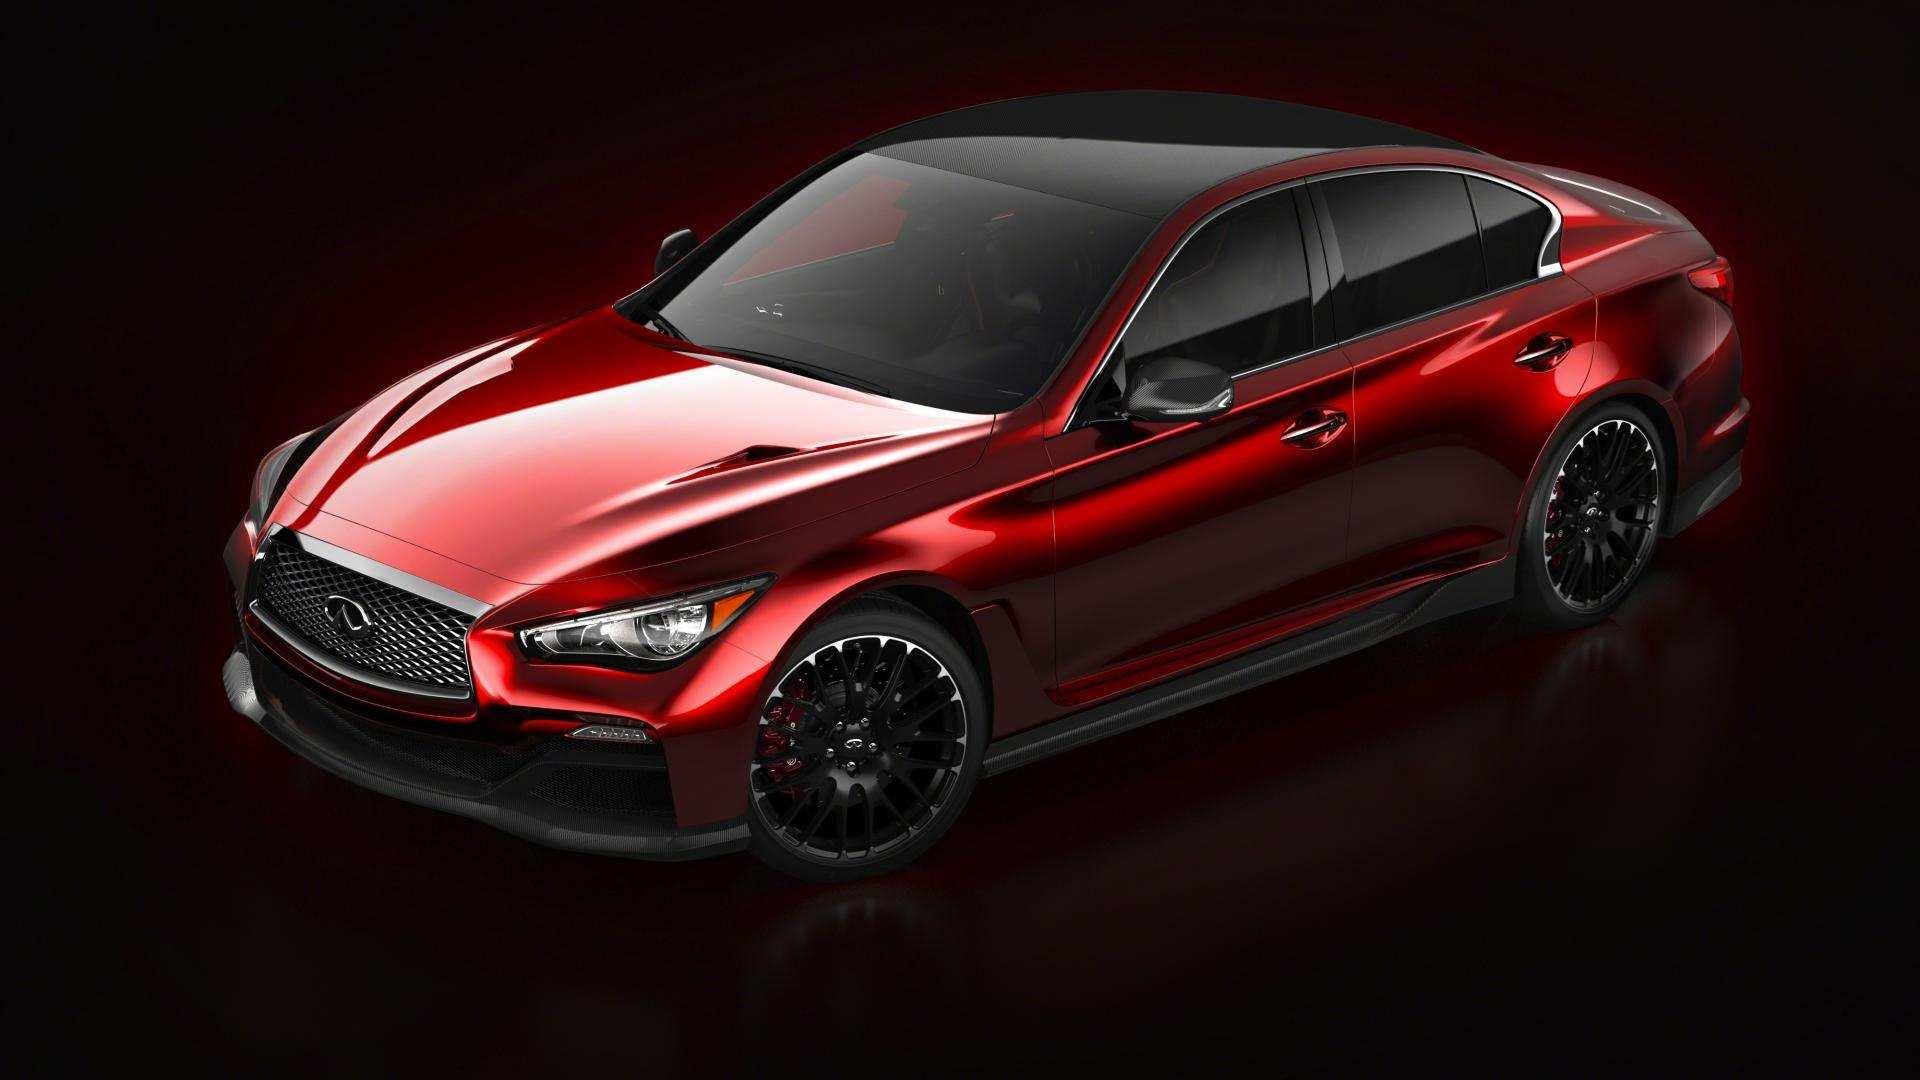 49 Best Review 2020 Infiniti Q50 Coupe Eau Rouge Pictures with 2020 Infiniti Q50 Coupe Eau Rouge